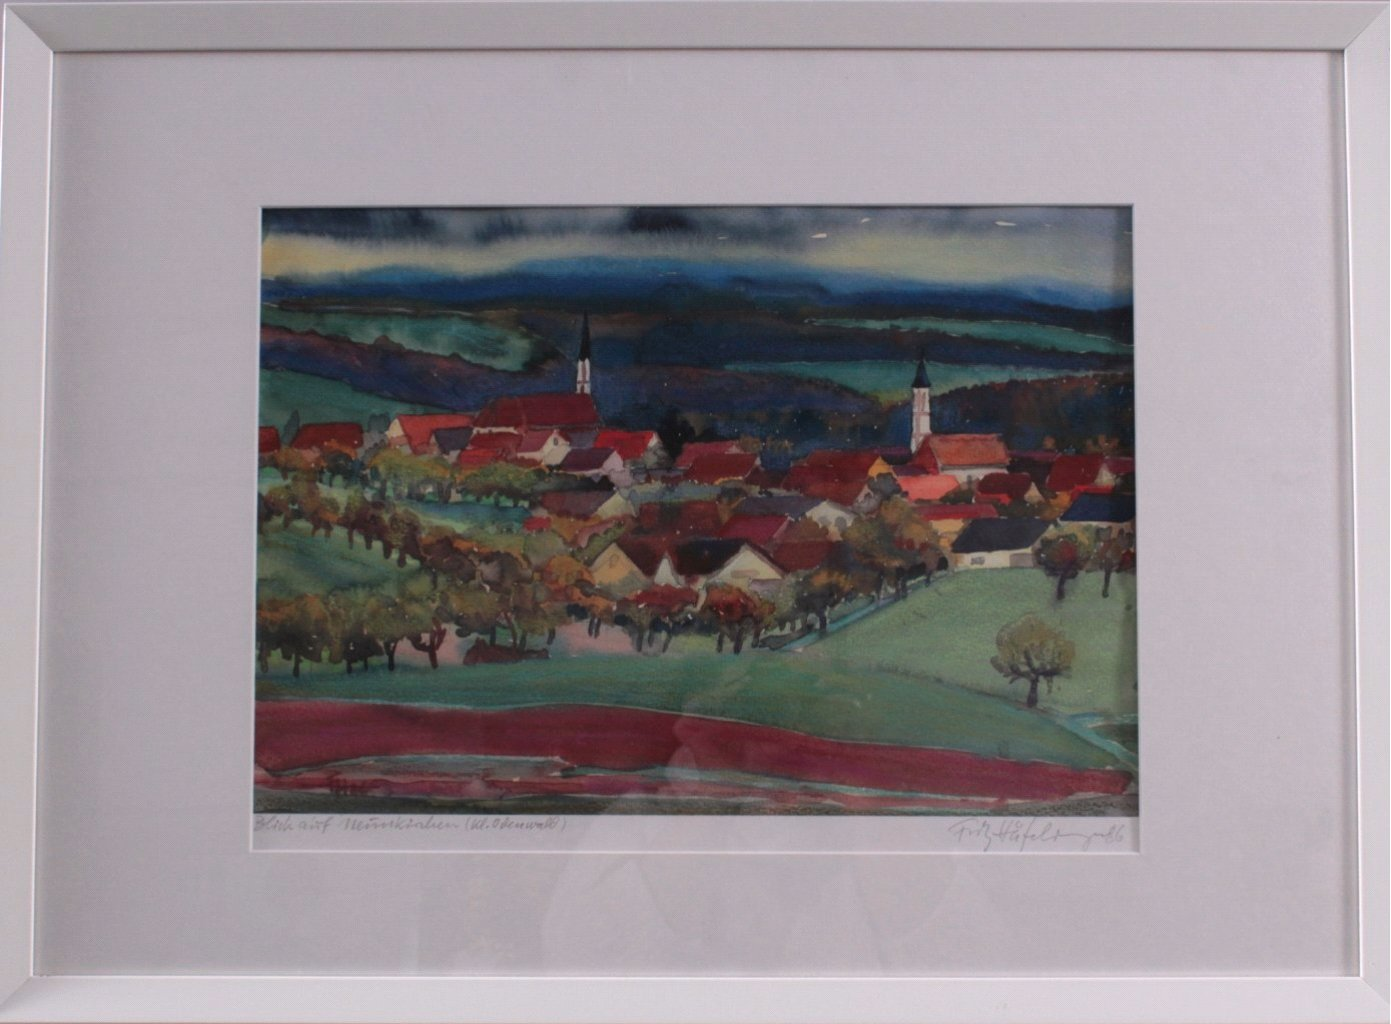 Aquarell. Blick auf Neunkirchen (kl. Odenwald)